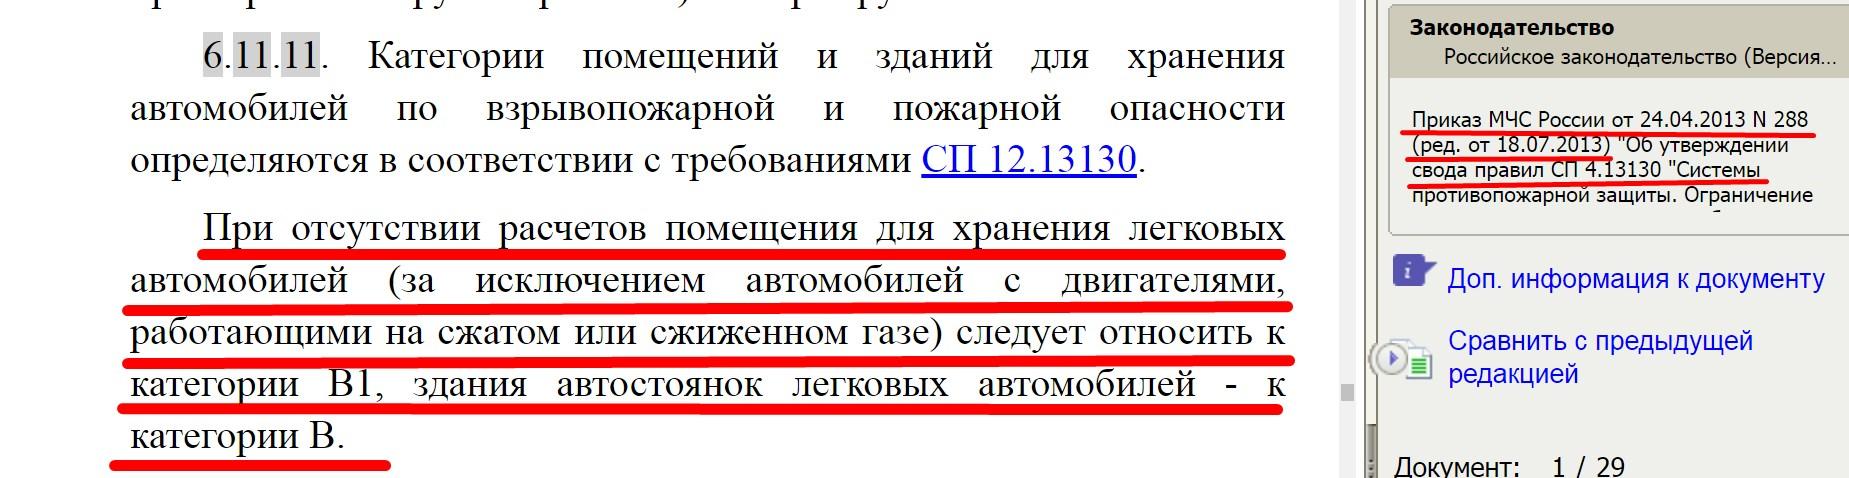 пункт 6.11.11. Свода правил СП 4.13130.2013